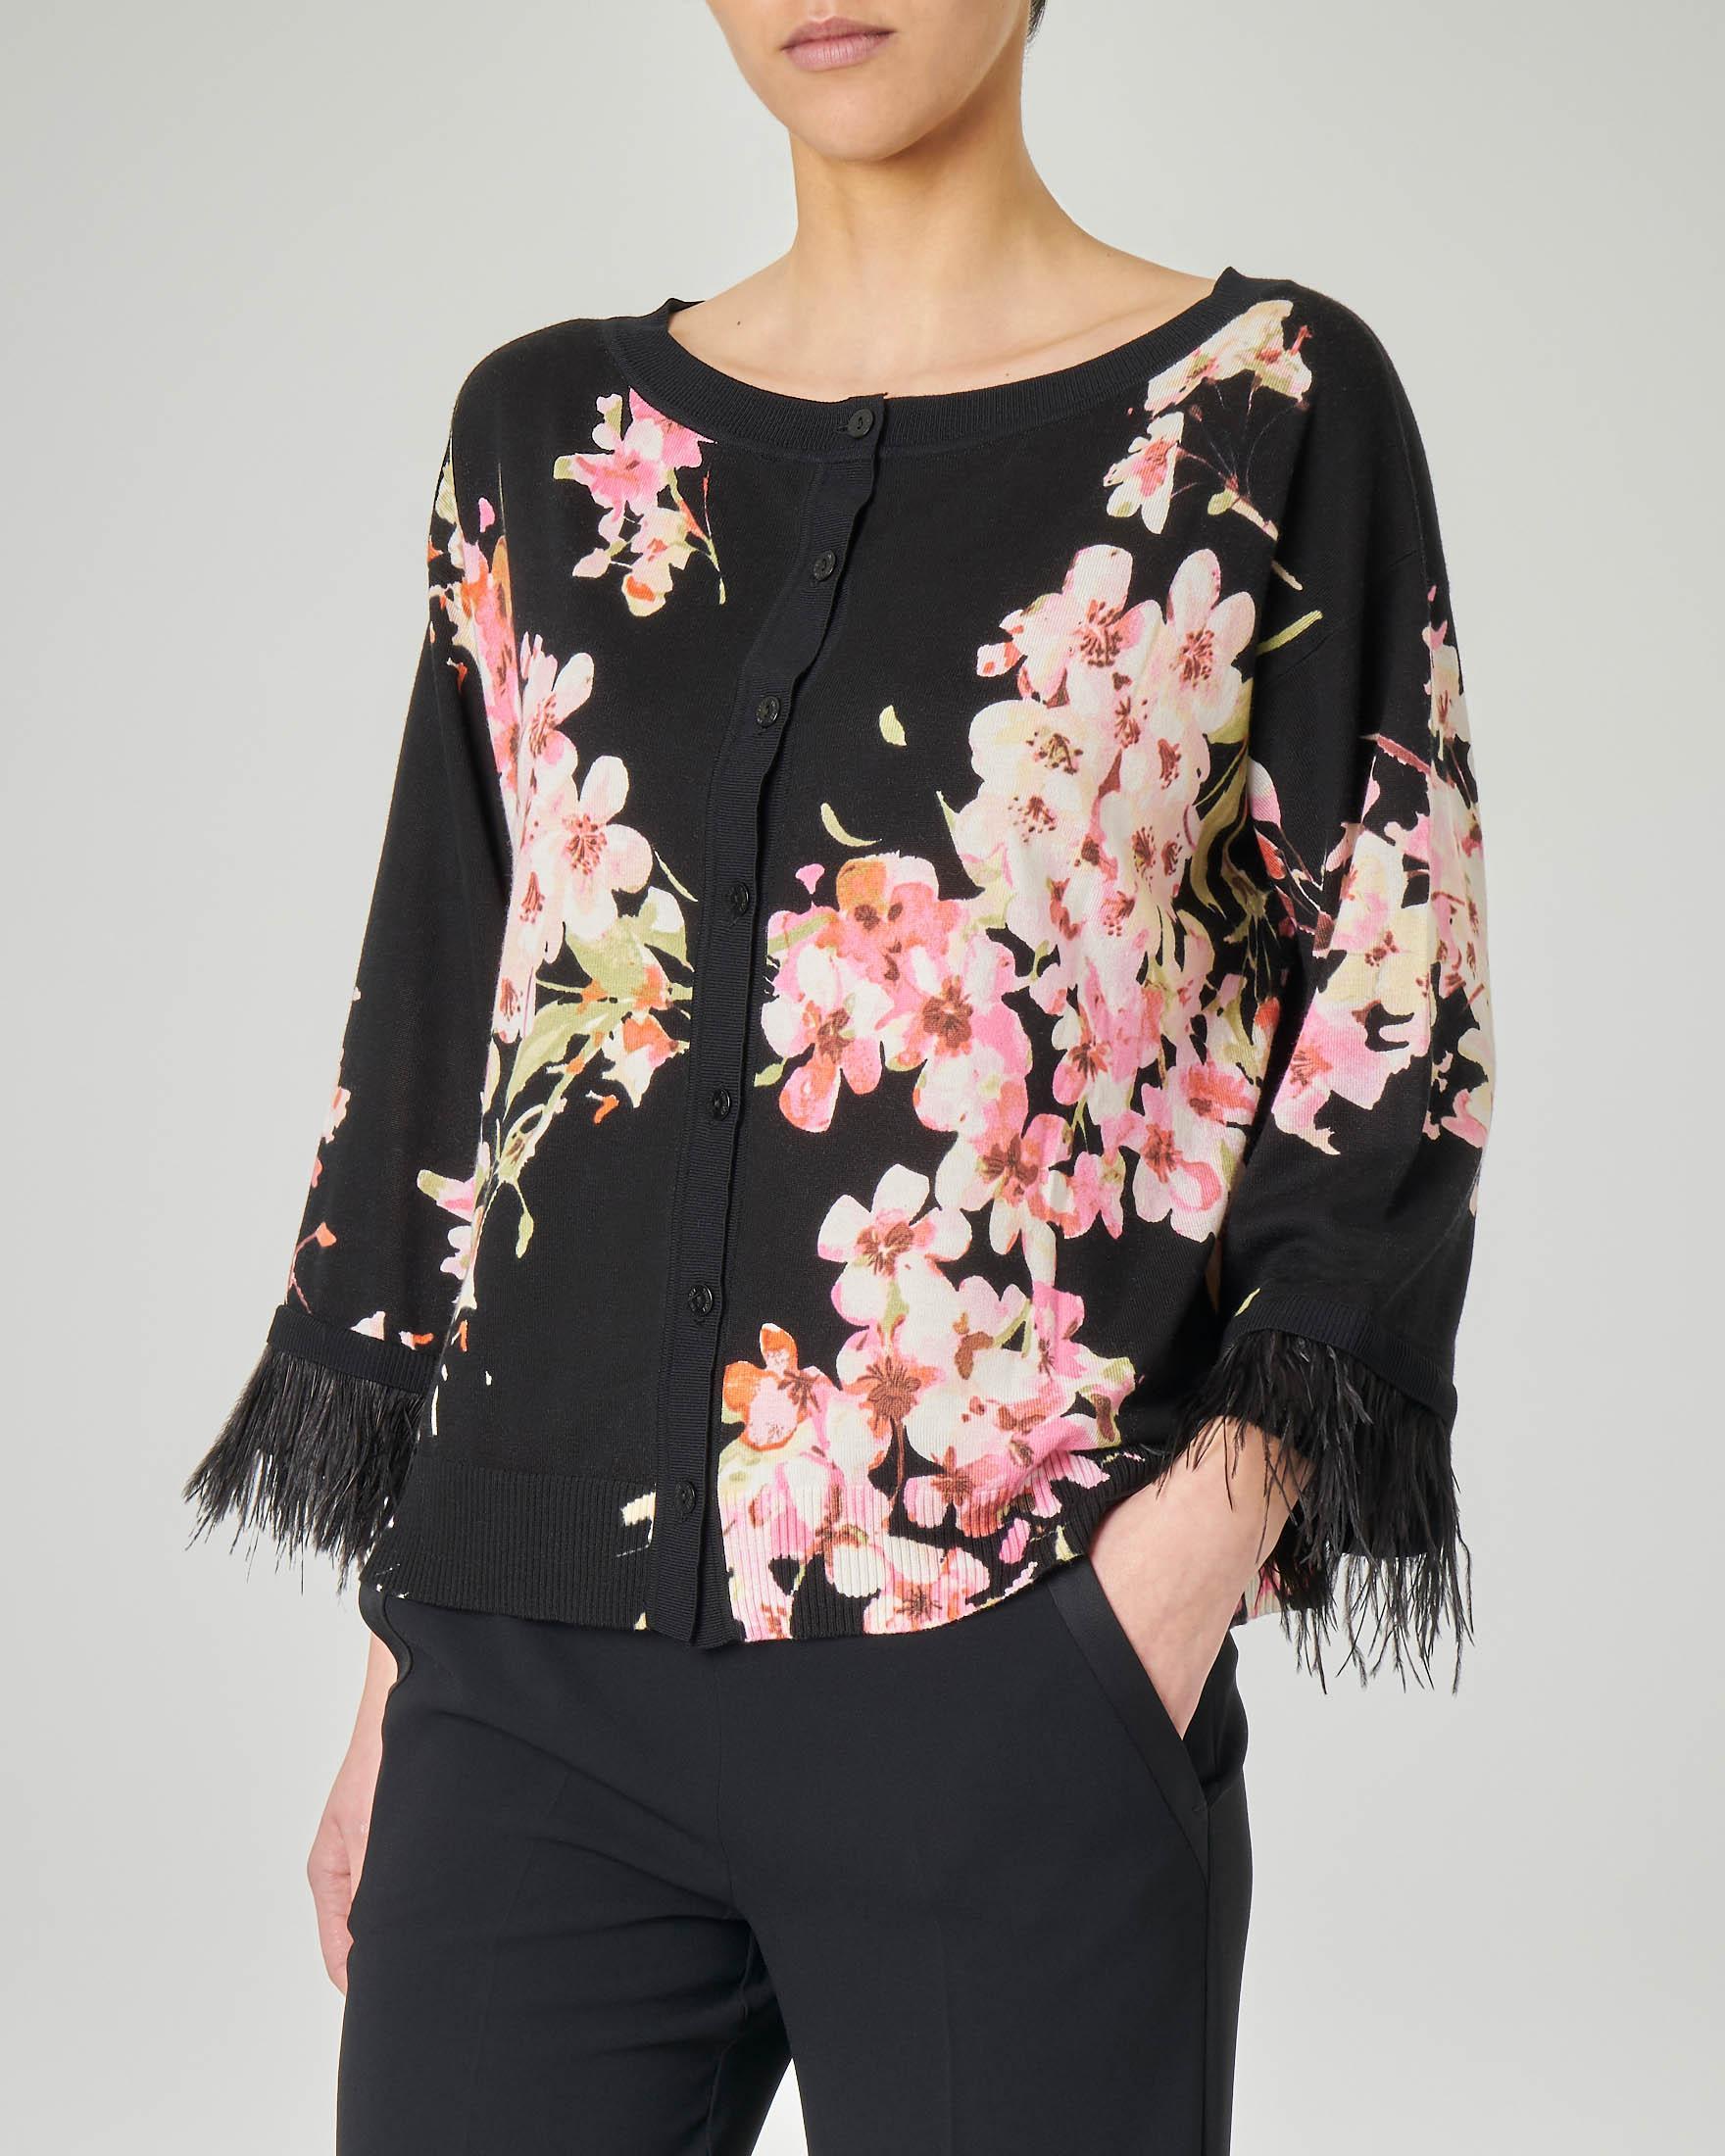 Cardigan nero in cotone misto viscosa a fantasia floreale rosa con piume